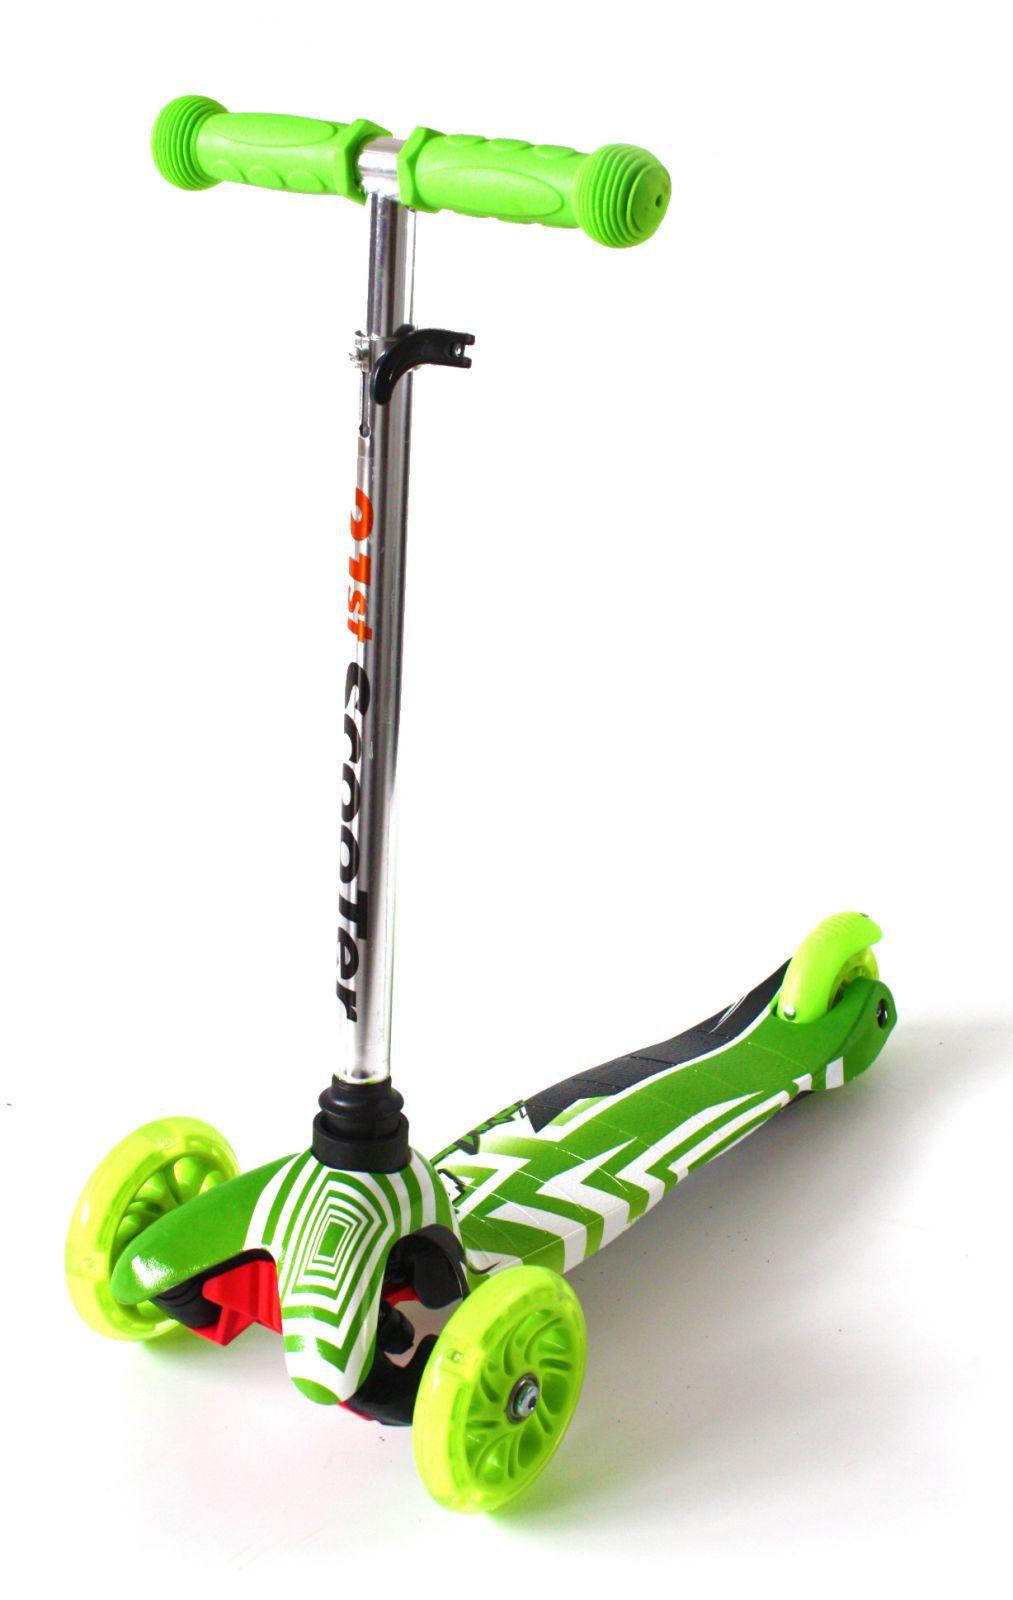 Jedinečné dětské odrážedlo se světélkujícími koly, nastavitelnými řídítky a odolnou brzdou zelené